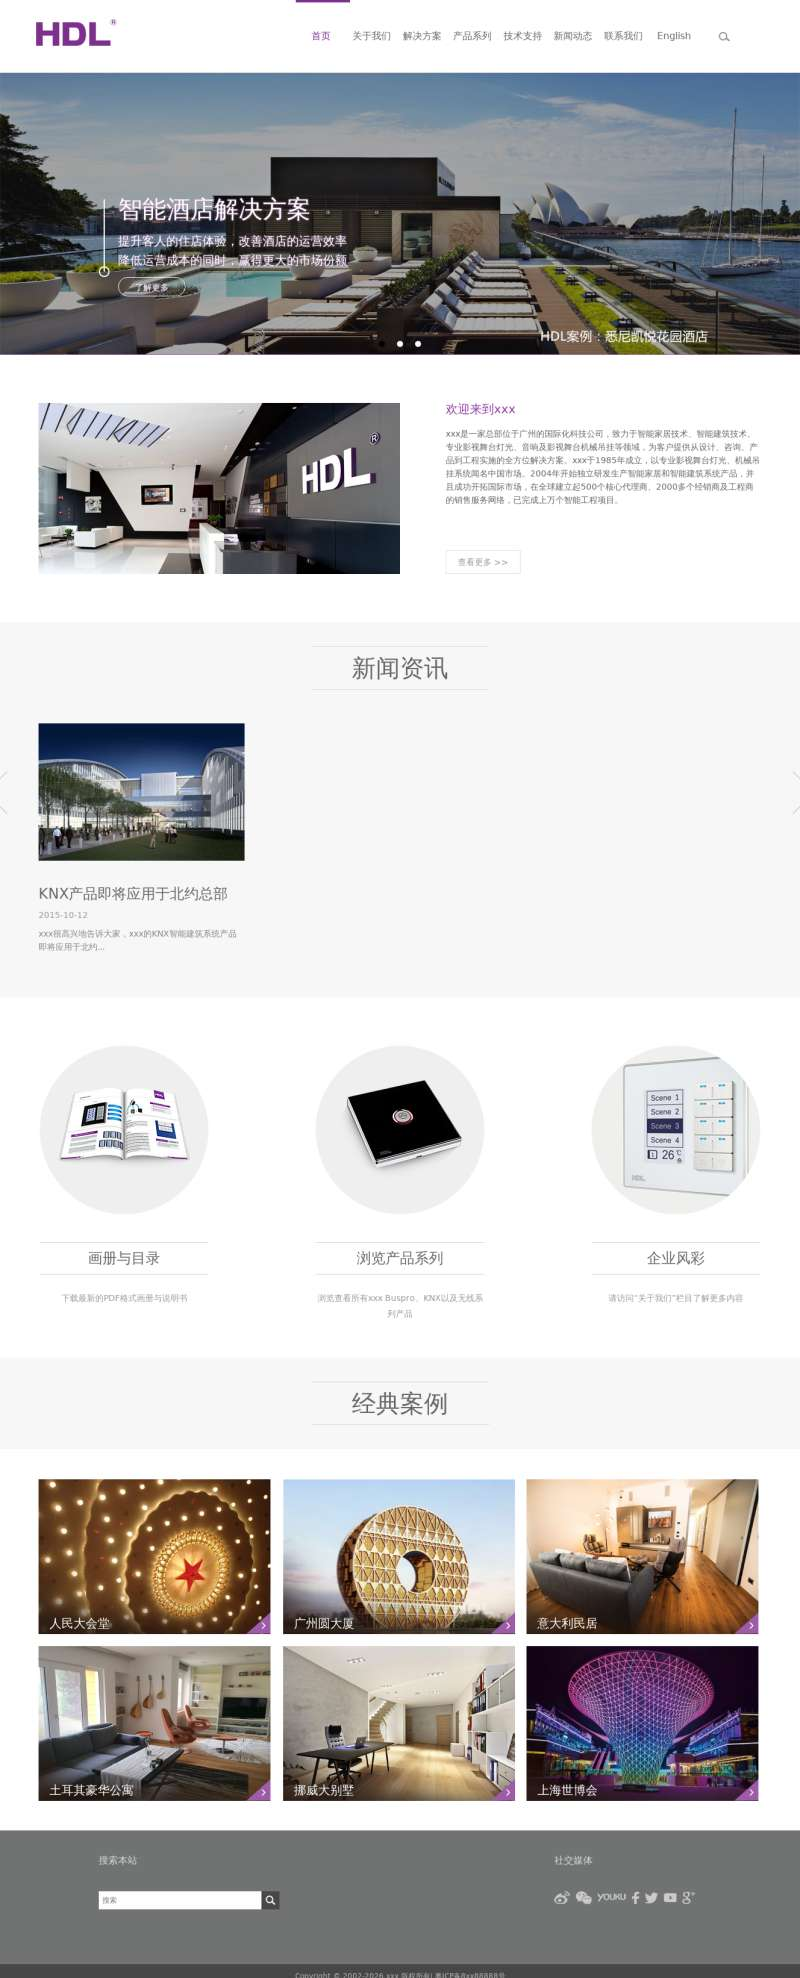 紫色大气的智能家居技术公司网站模板